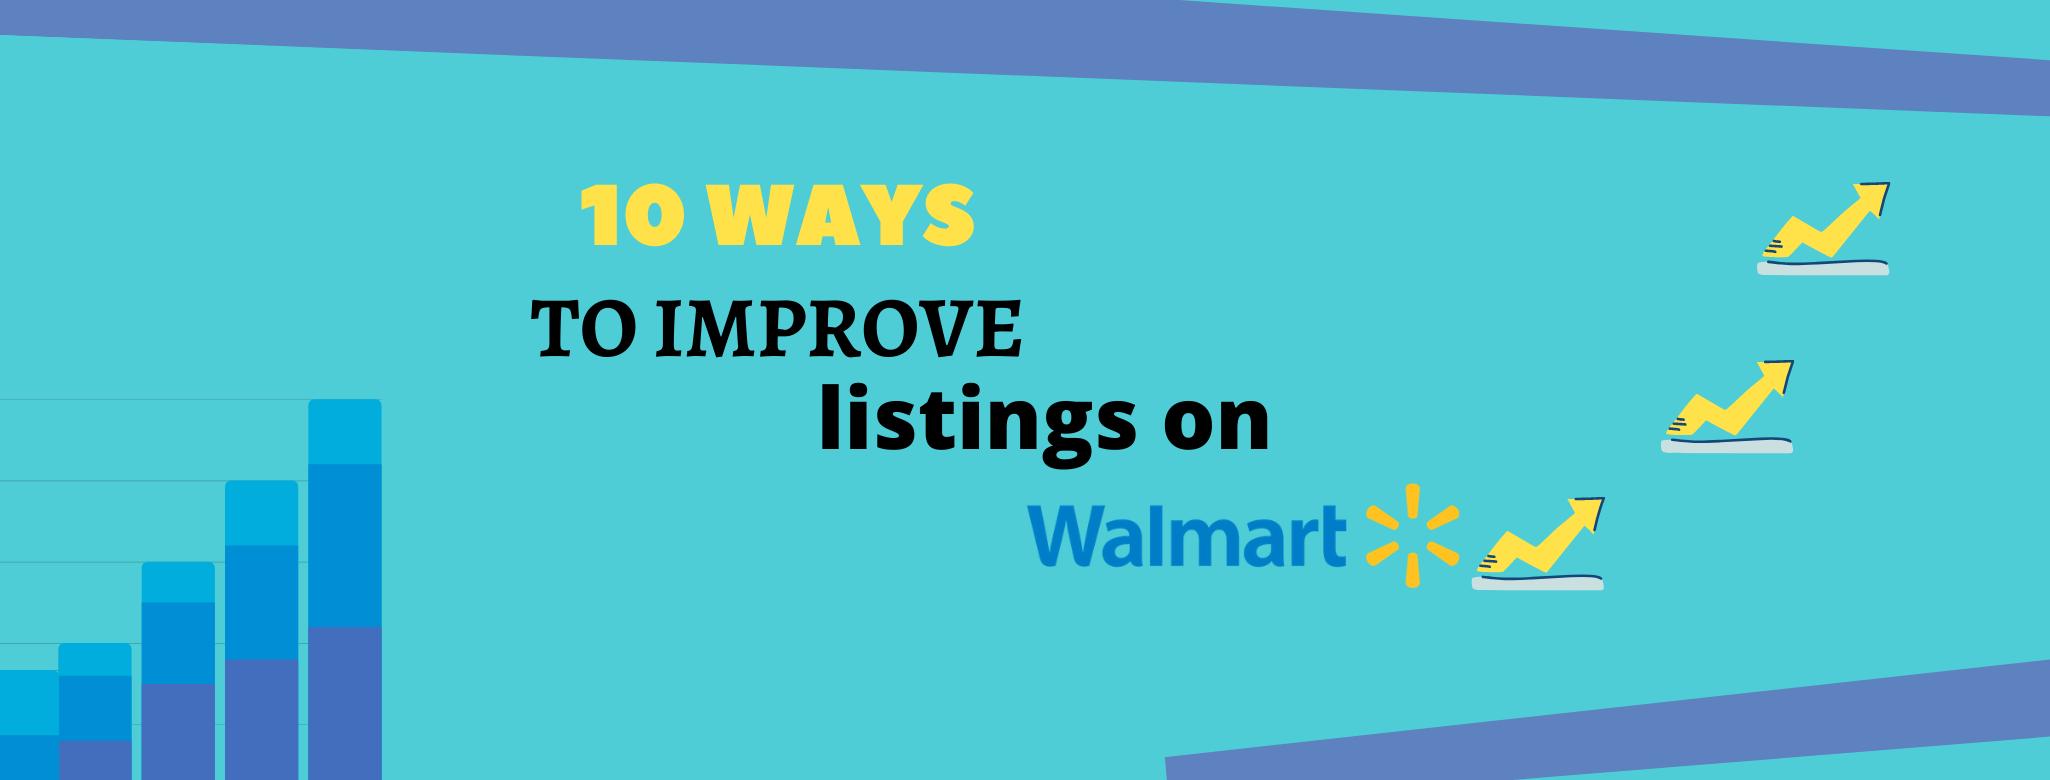 listings on walmart